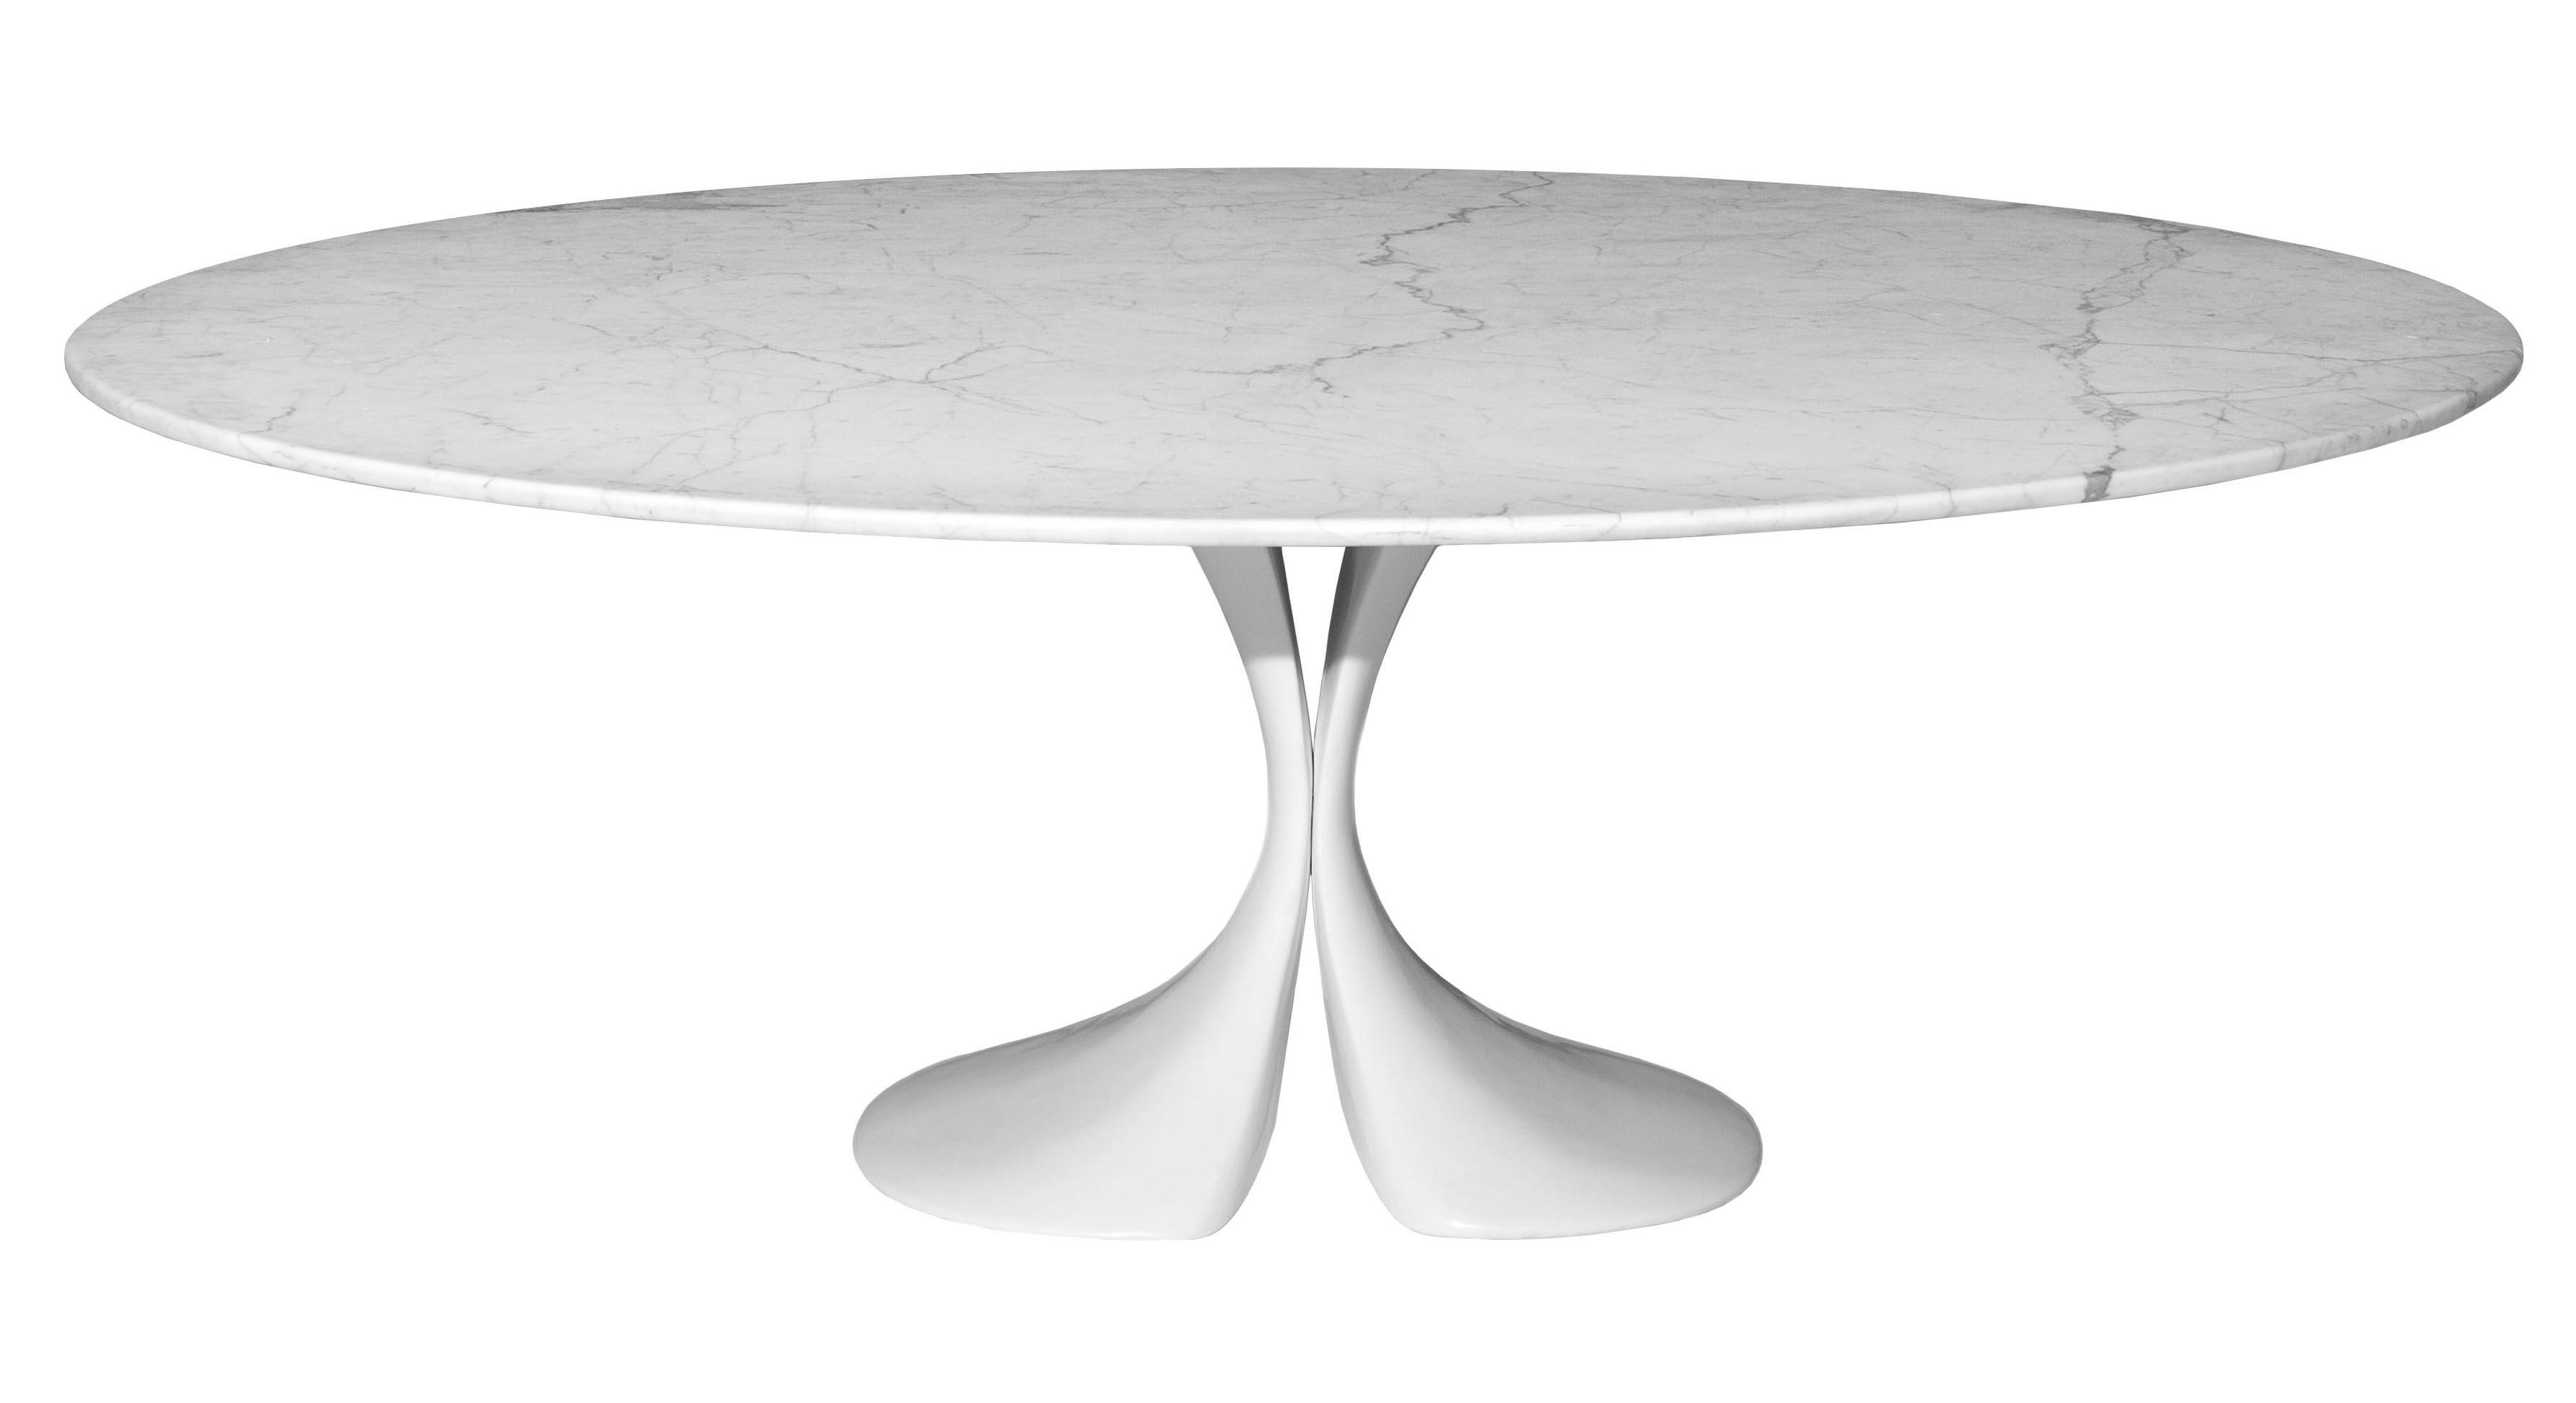 Arredamento - Tavoli - Table ovale Didymos - 200 x 140 cm - Piano in marmo di Driade - Piano in marmo bianco - Cristalplant, Marmo